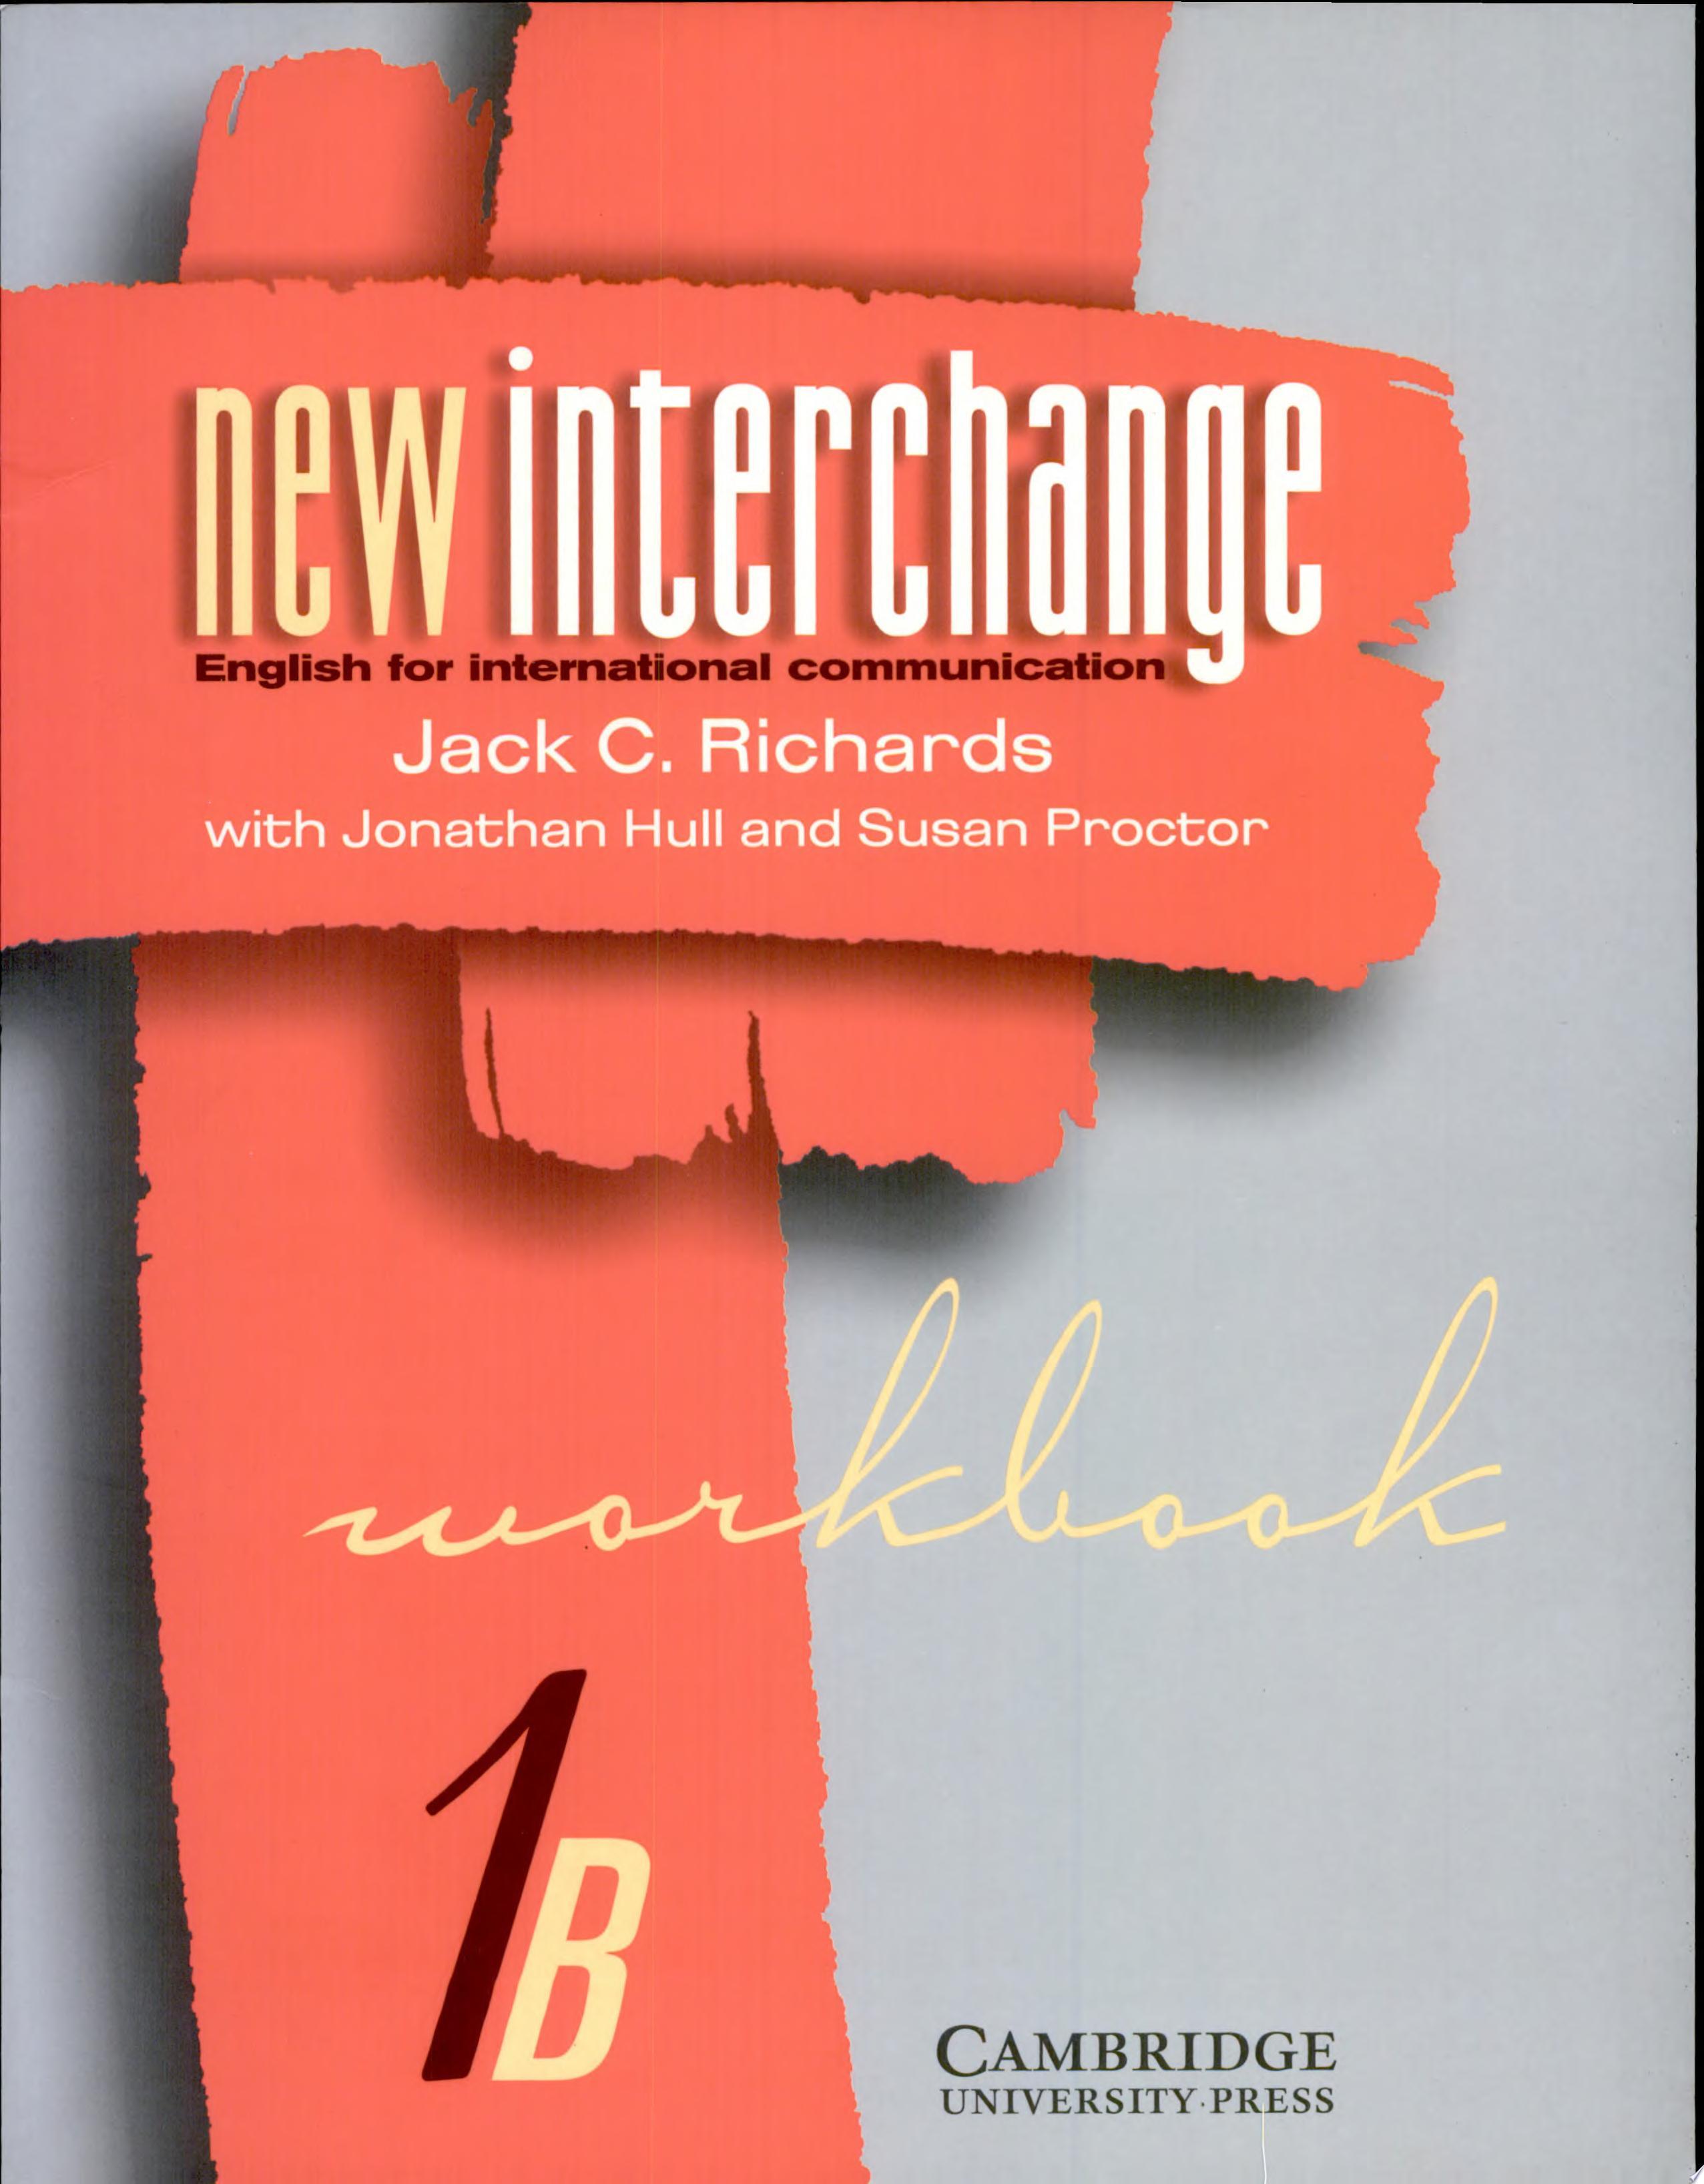 New Interchange Workbook 1B